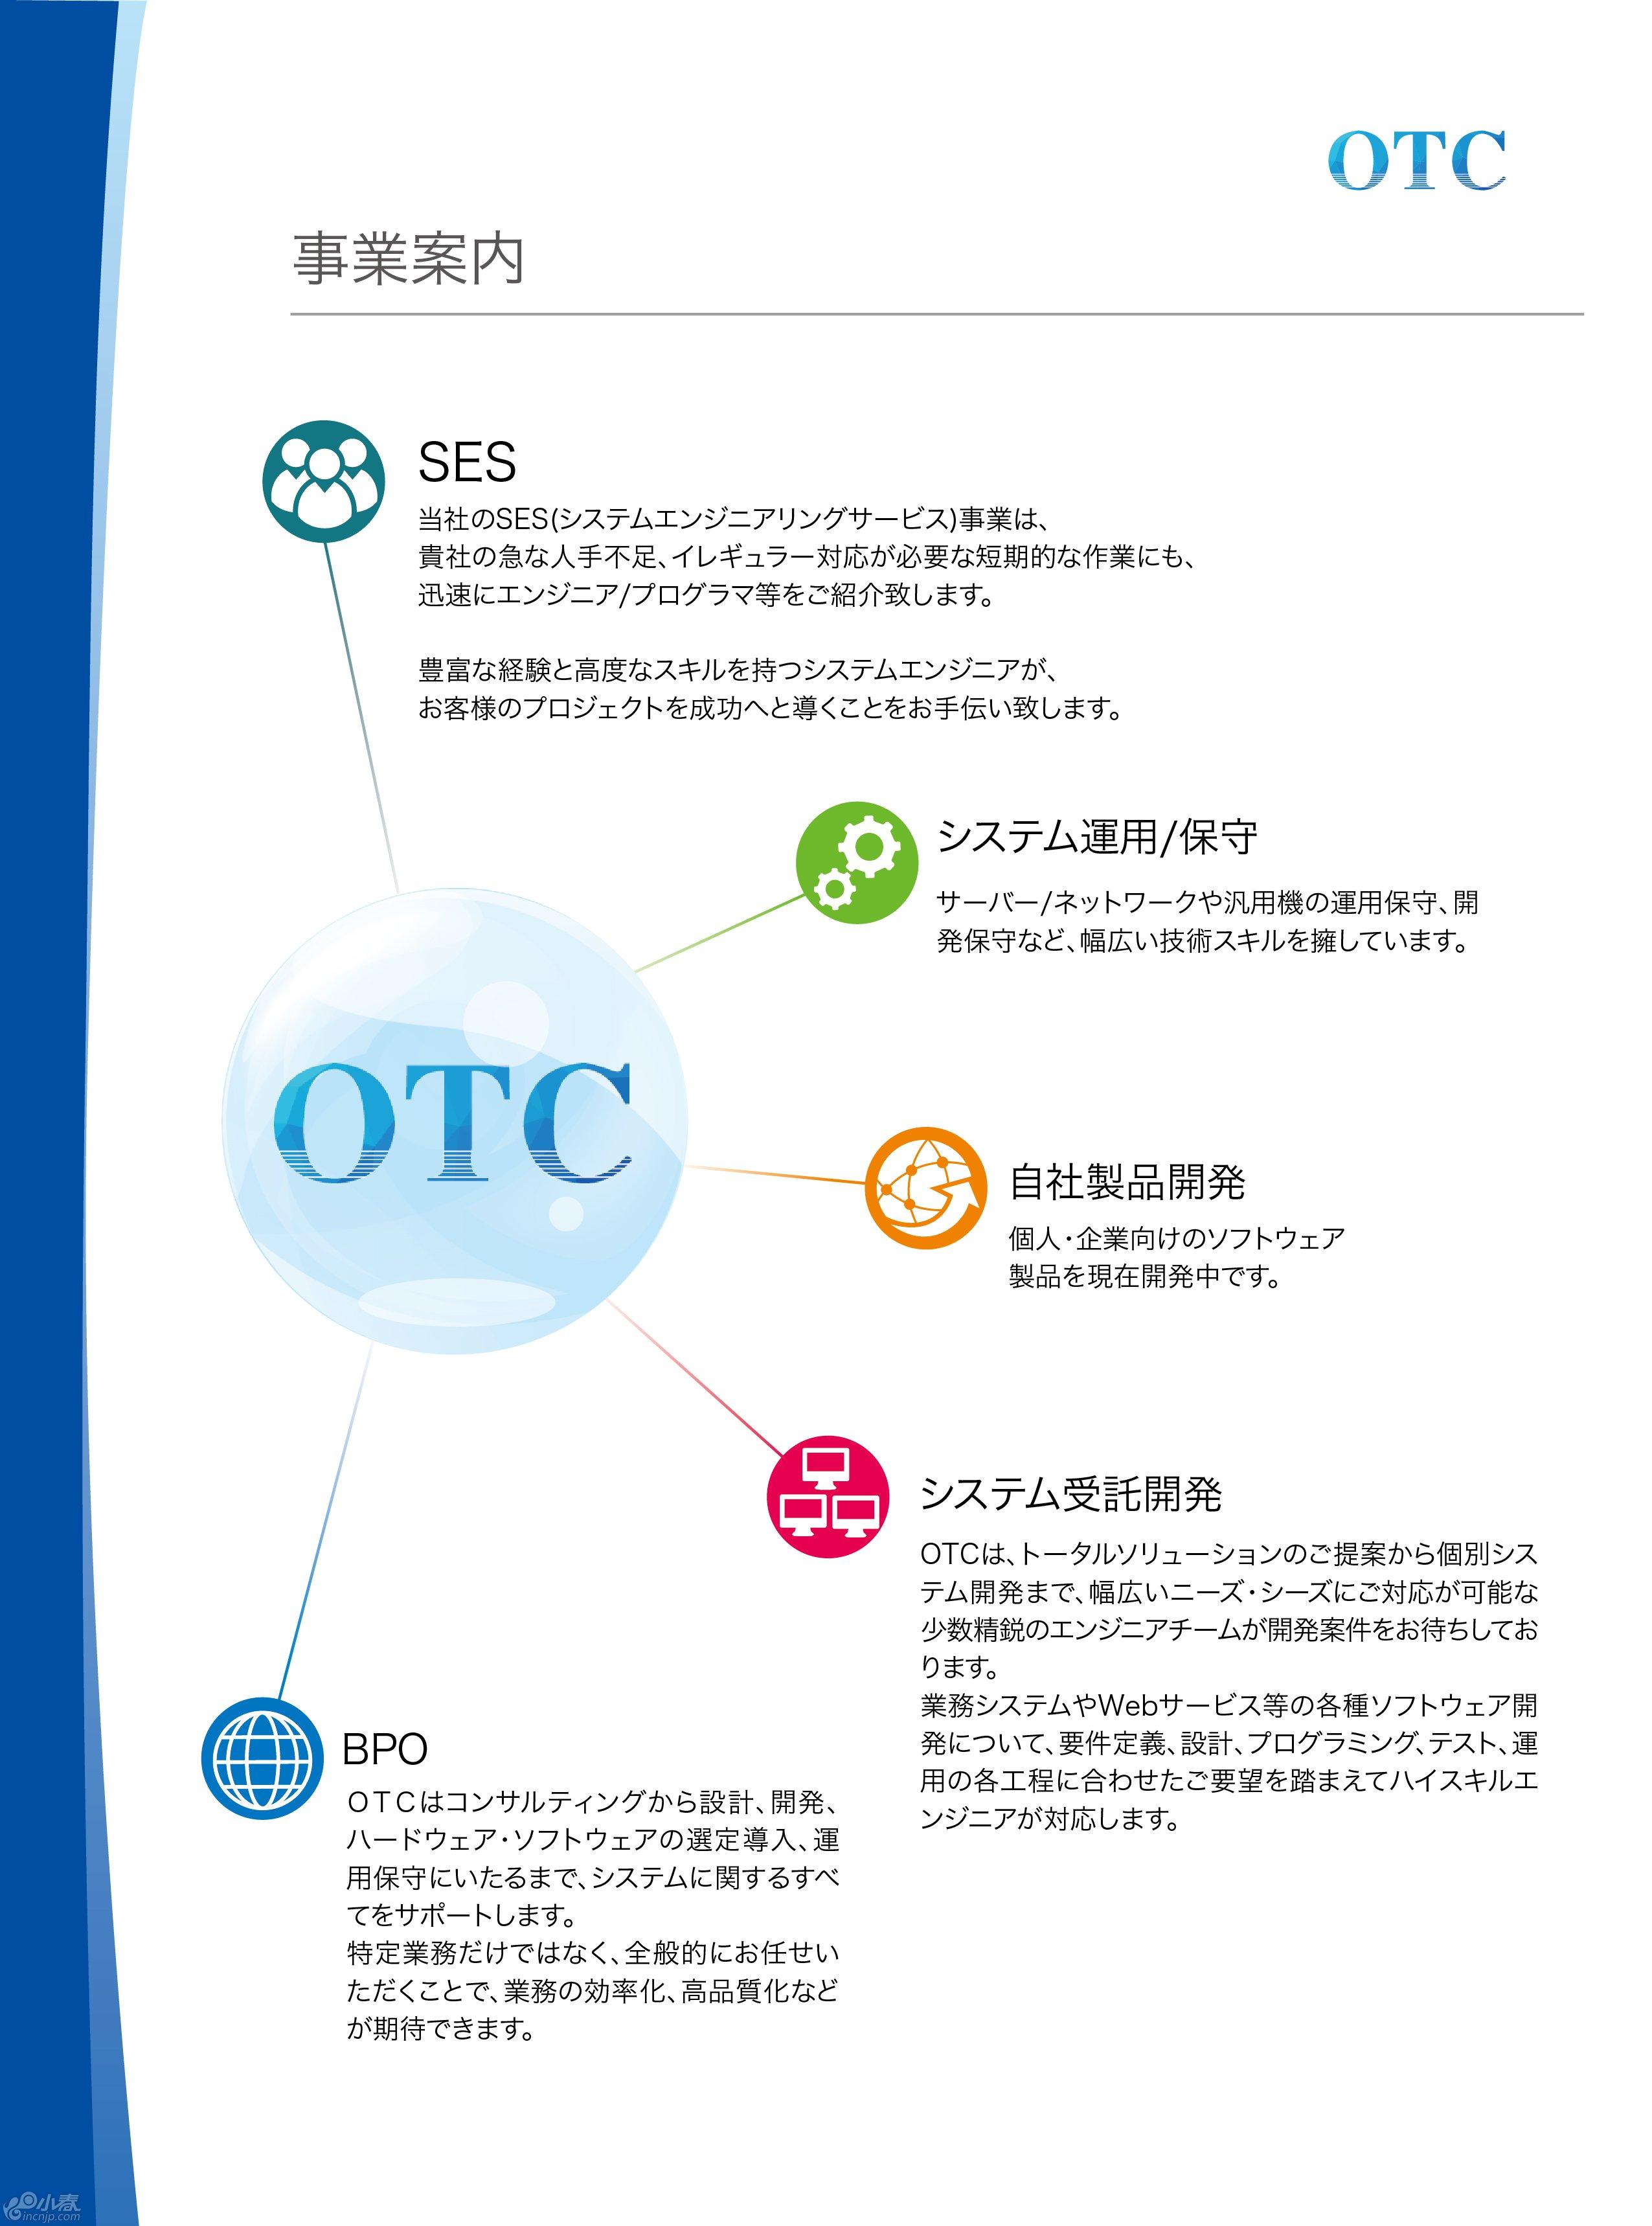 会社案内(OTC)-04.jpg